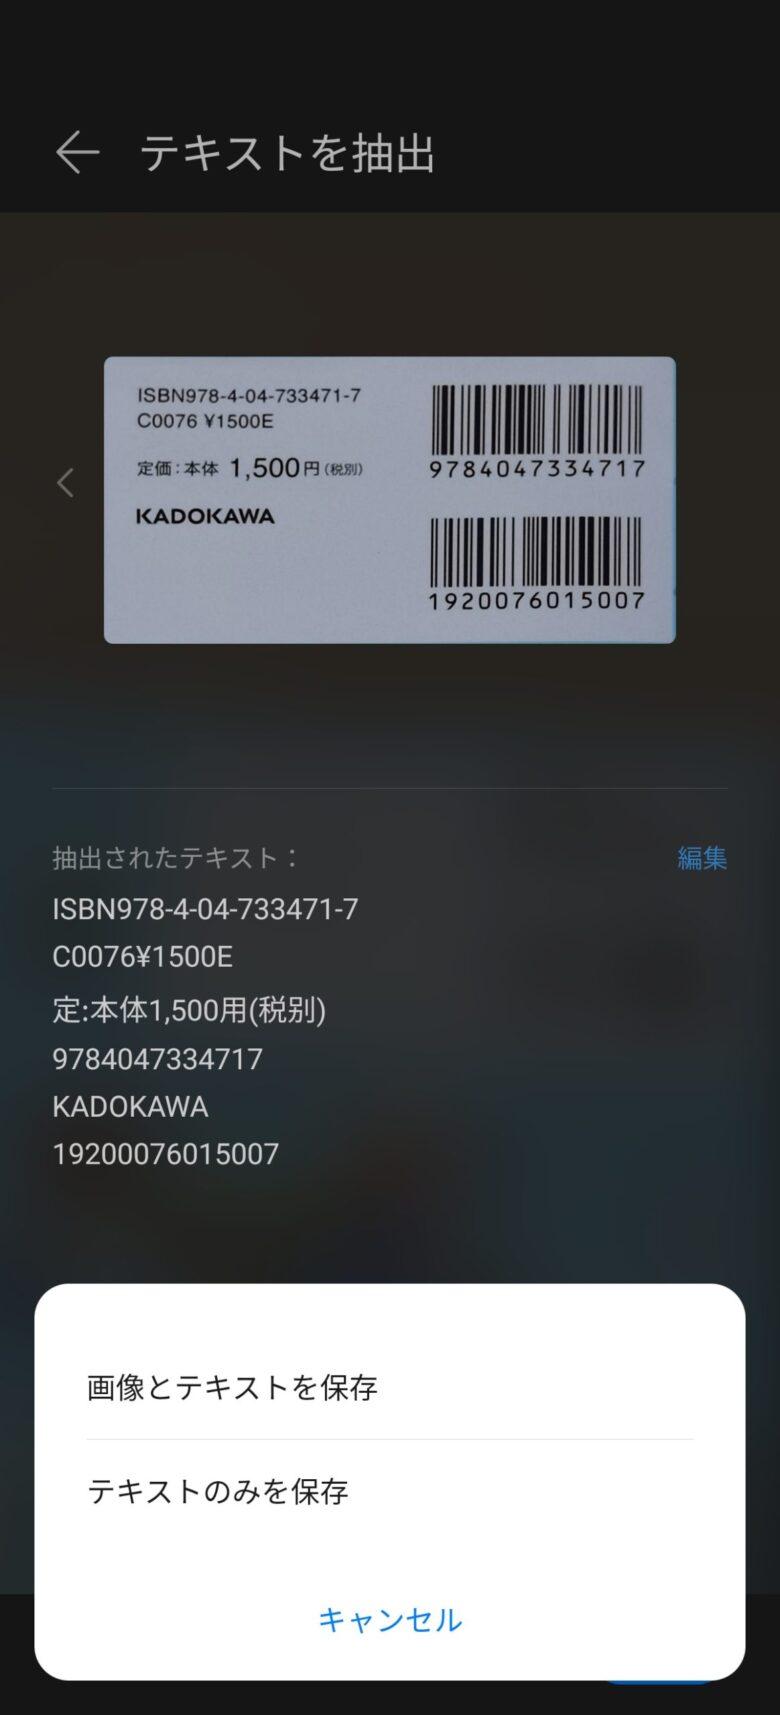 EMUI 11のメモ帳アプリからテキストをスキャンした結果。